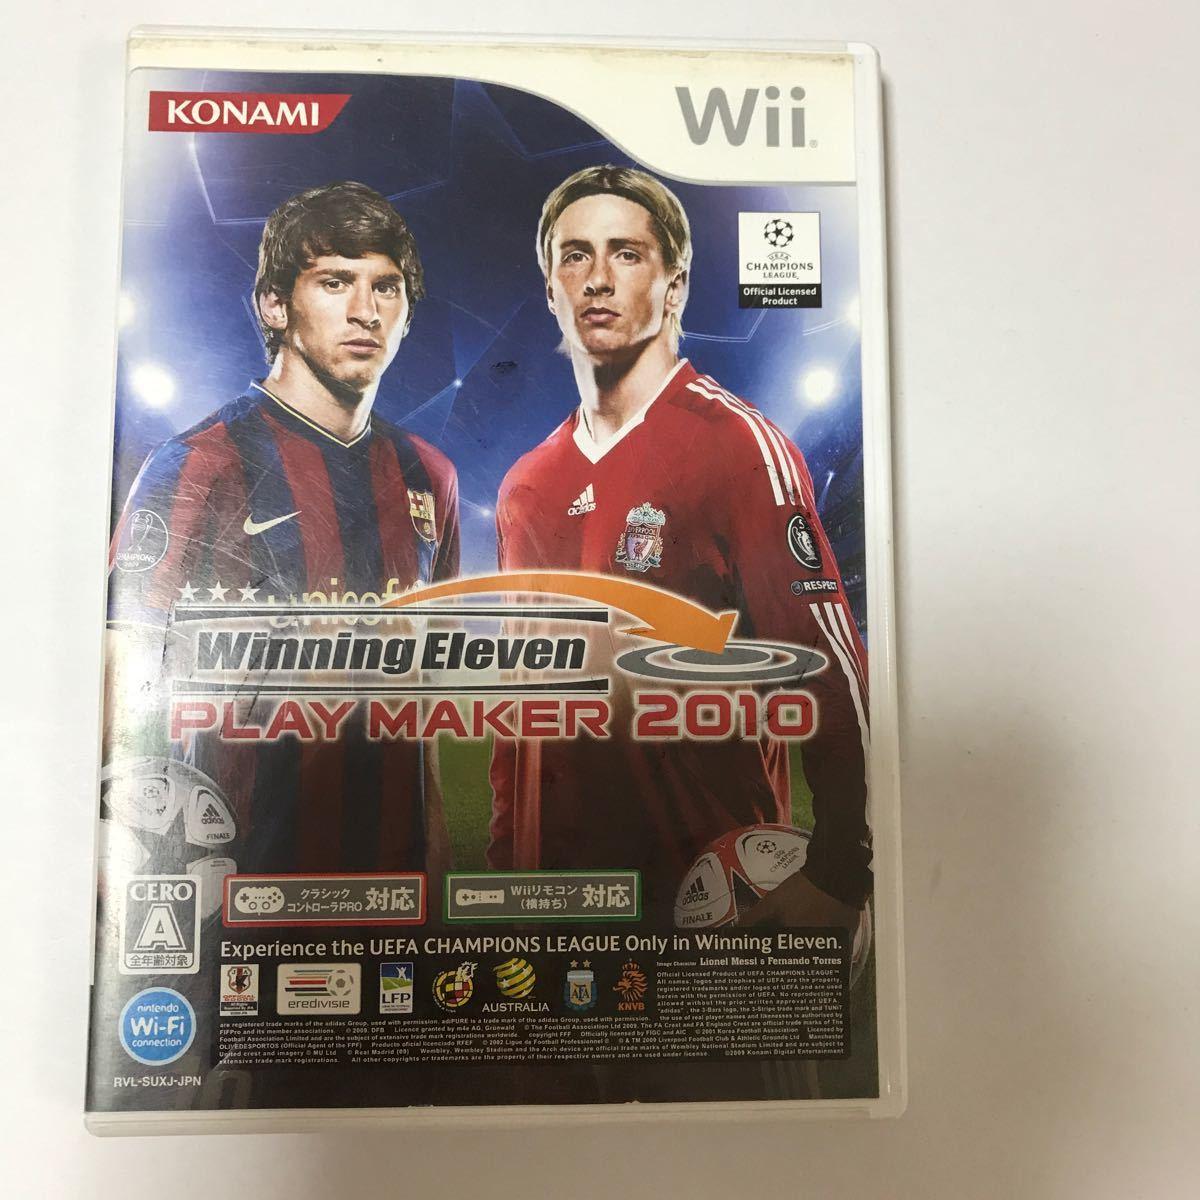 【Wii】 ウイニングイレブンプレーメーカー2010 (通常版)